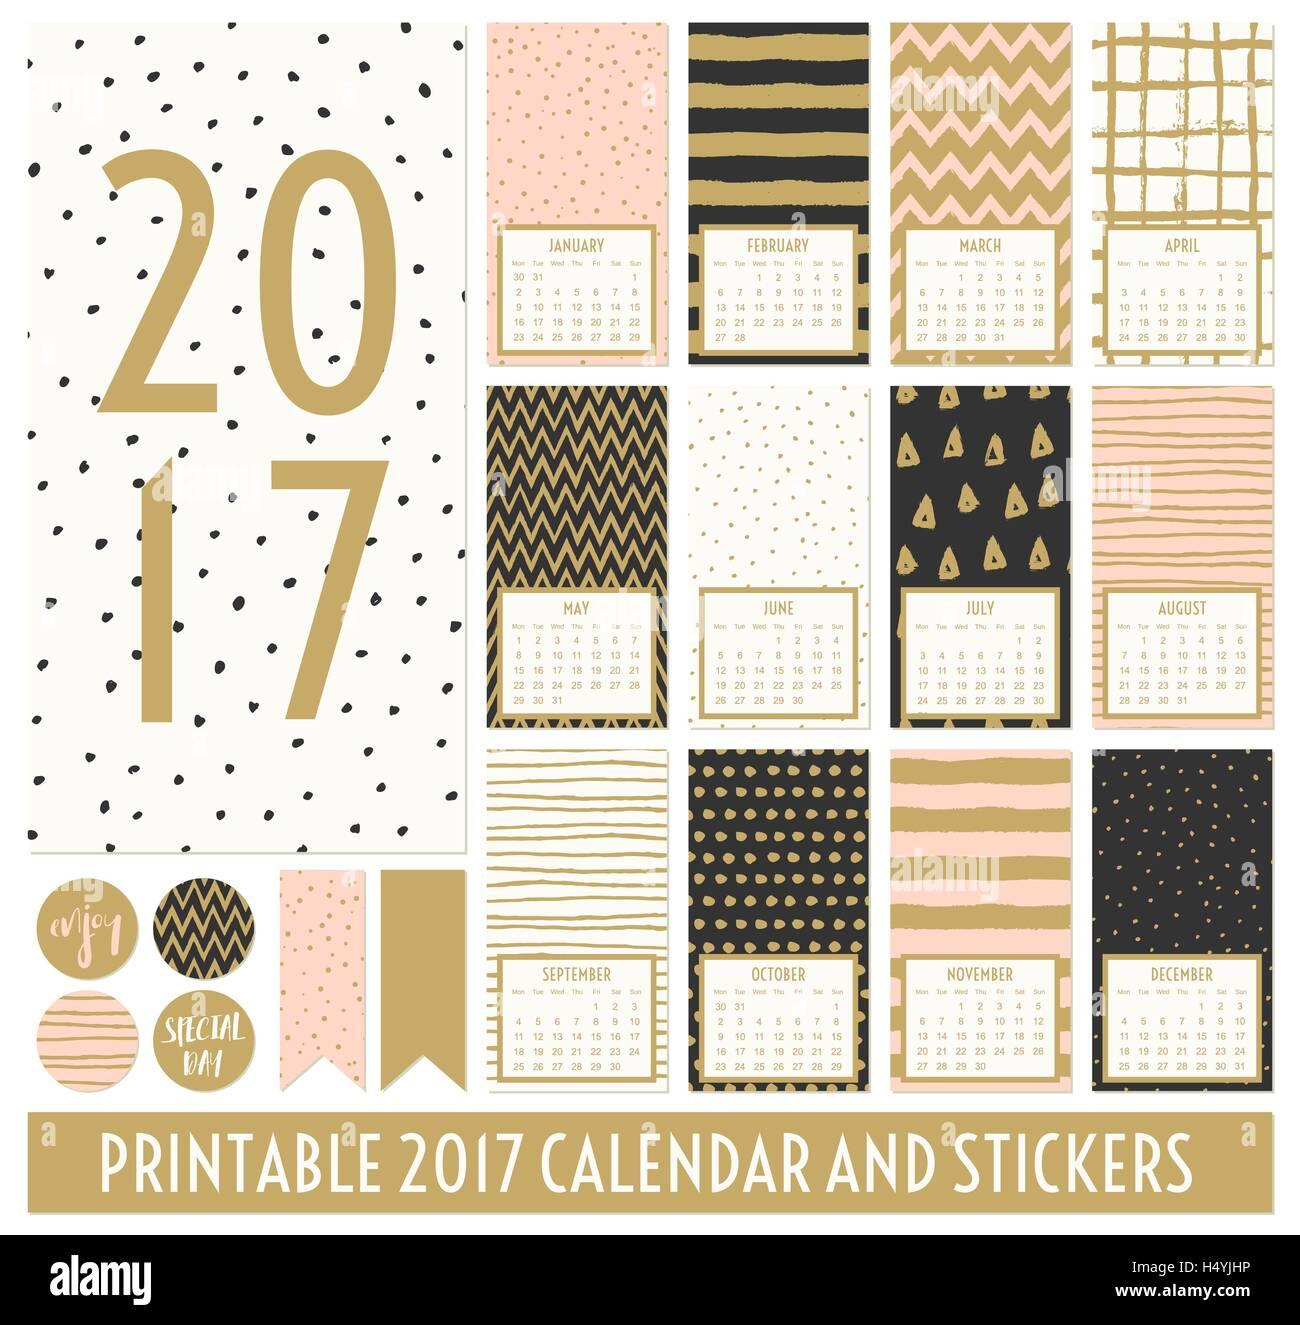 Los doce meses de 2017 plantillas de calendario. Patrones dibujados ...